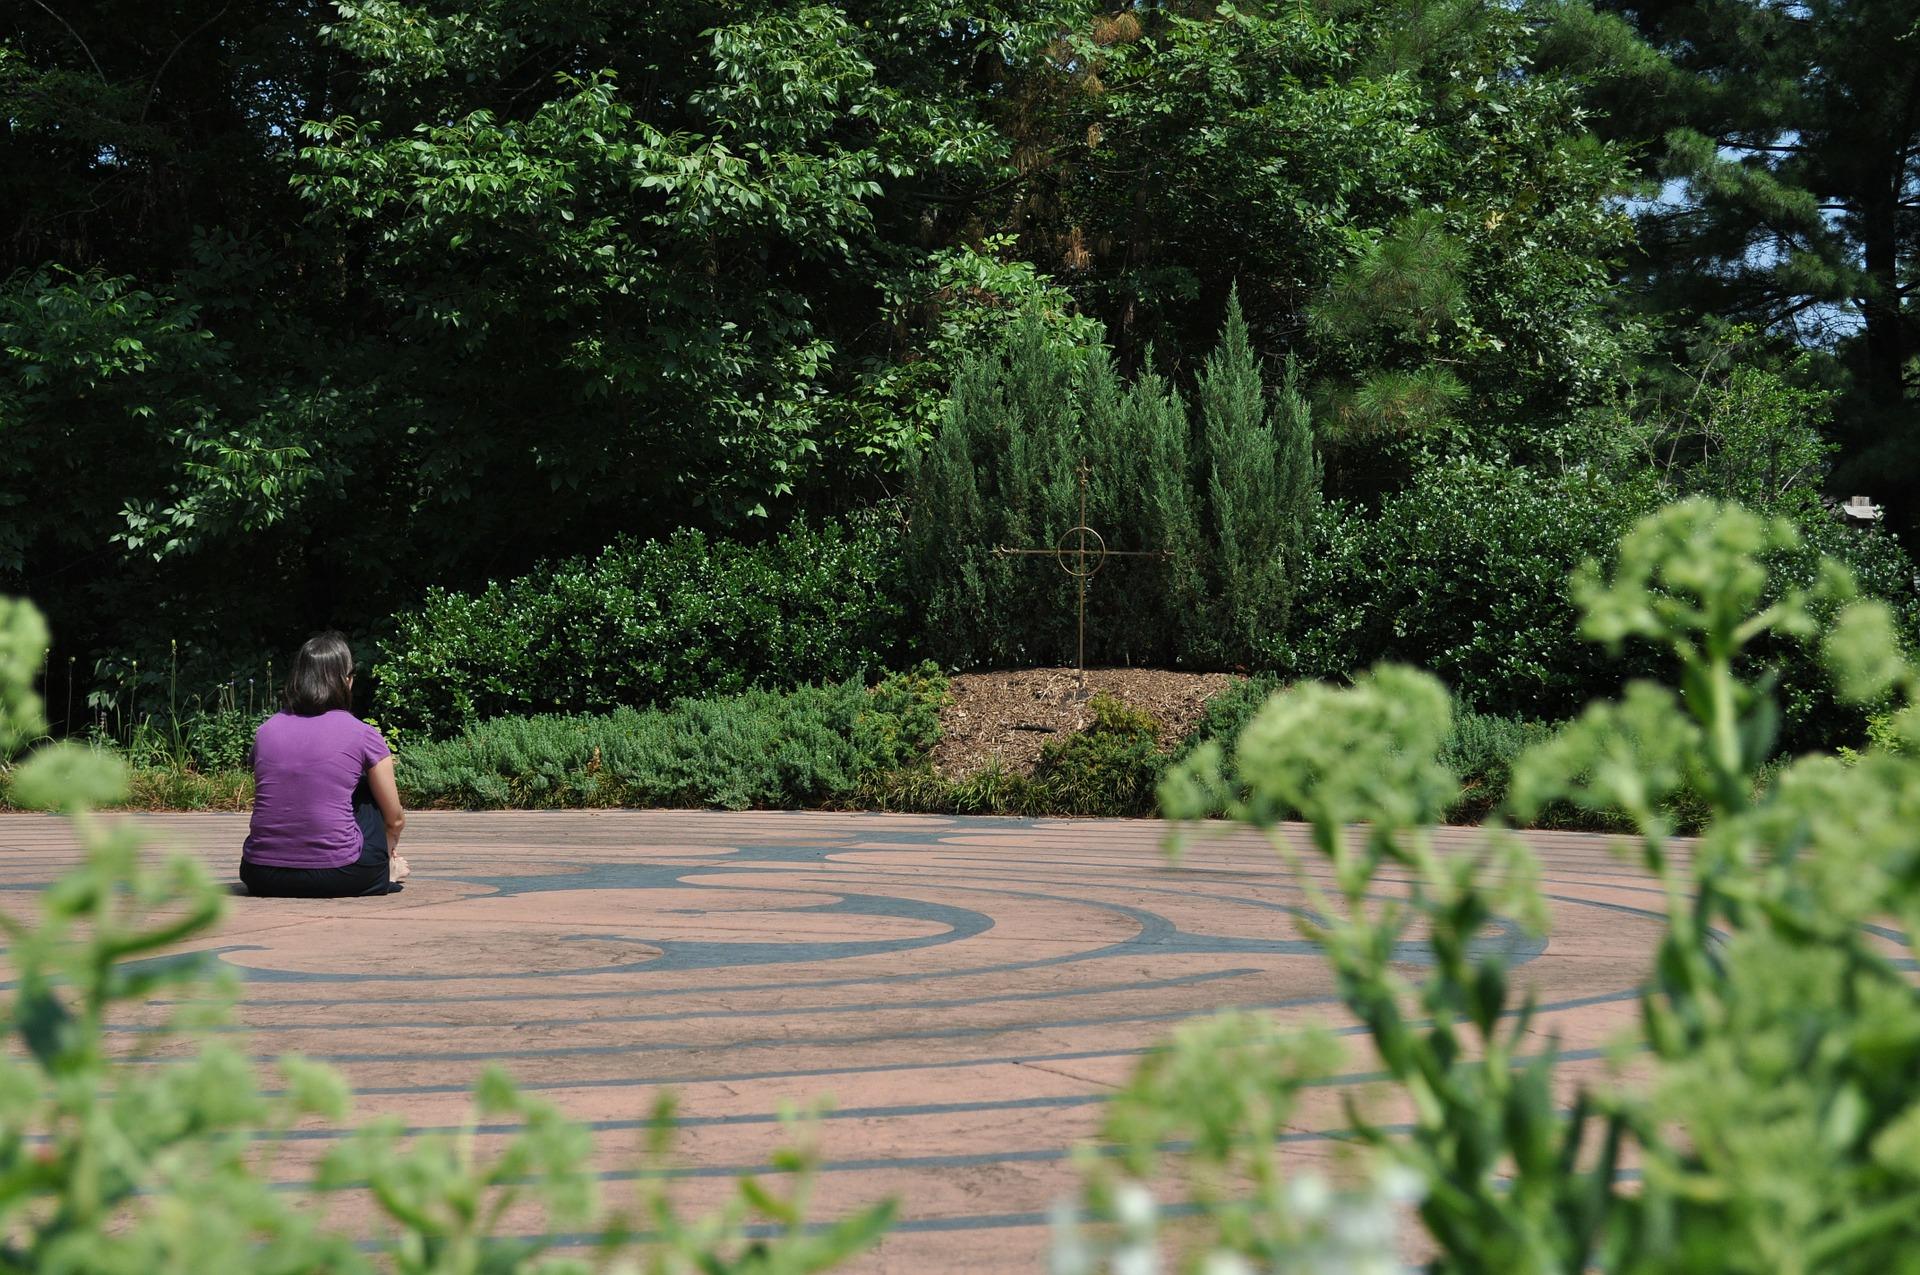 Persona meditando en laberinto de emociones